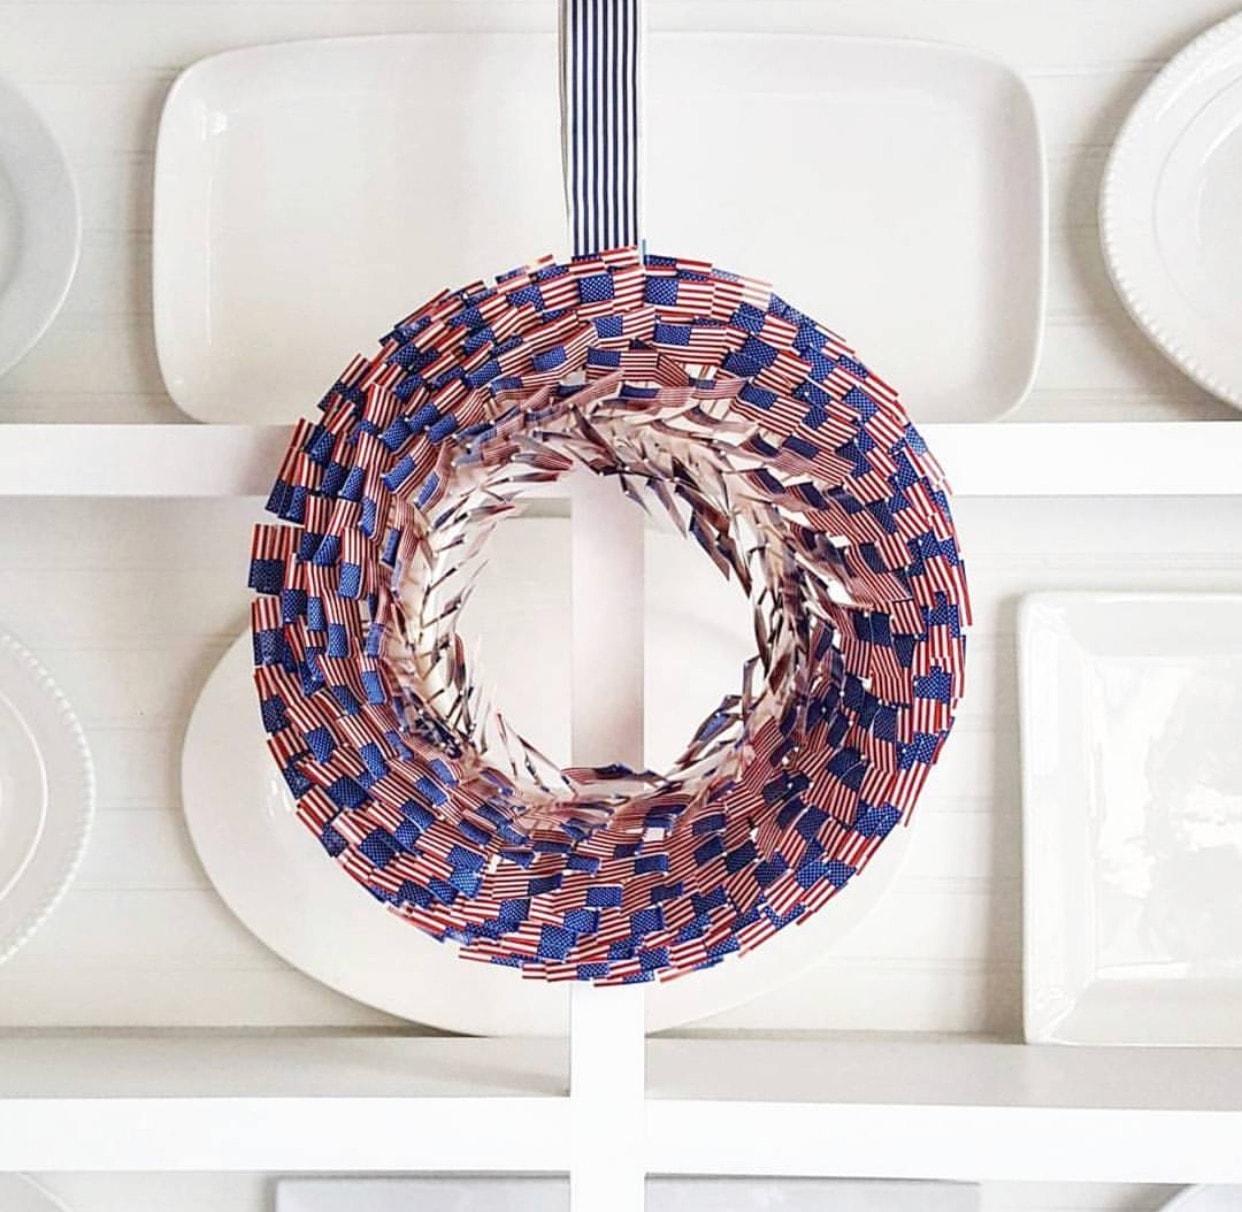 Easy Summer Bruschetta Recipes + DIY American Flag Wreath